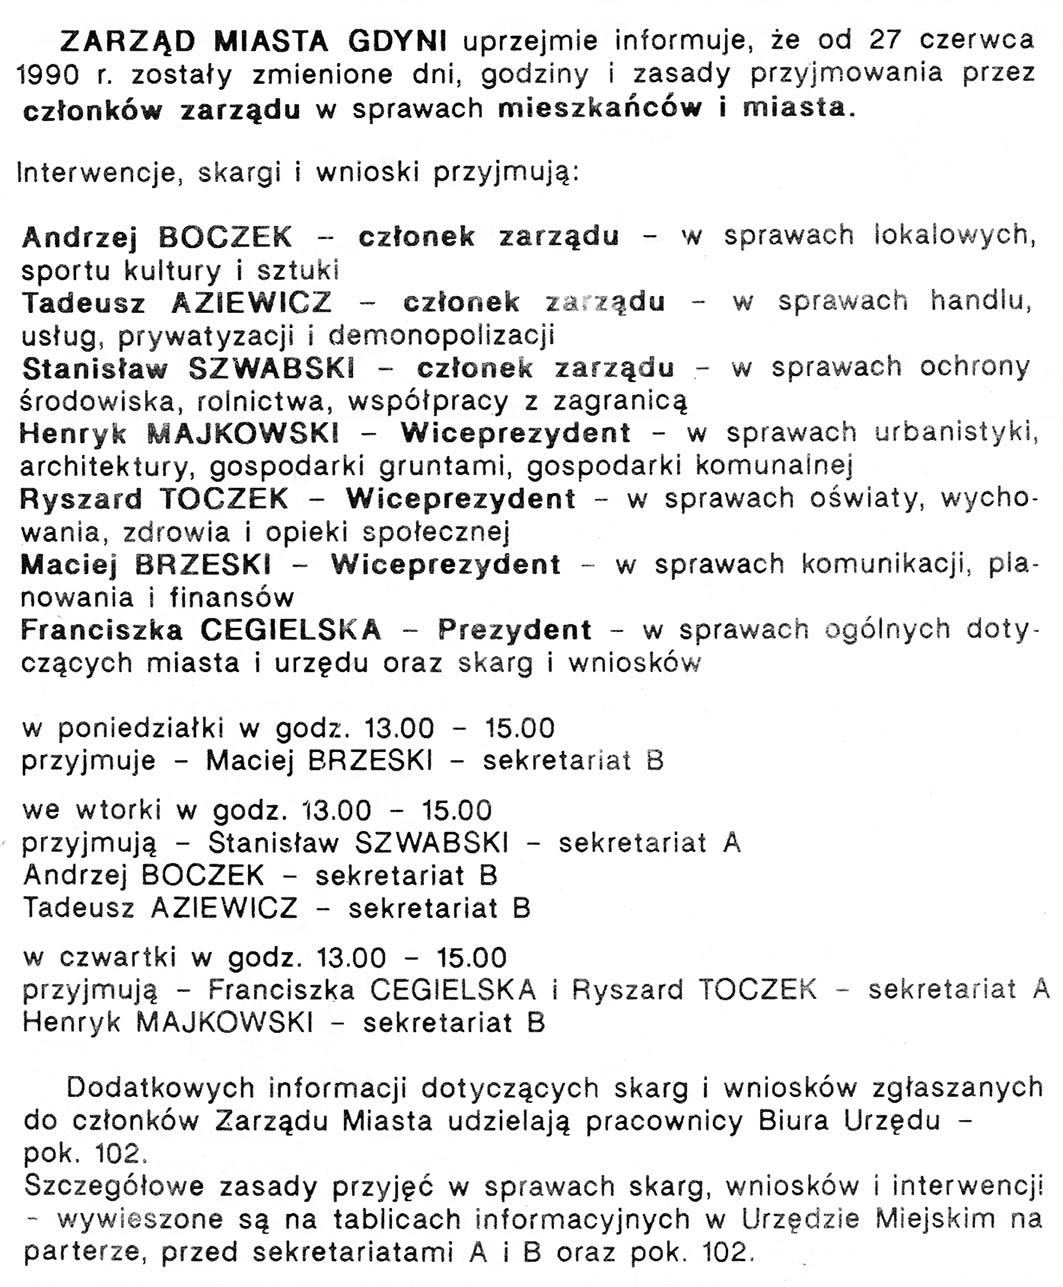 Zarząd Miasta gdyni informuje ... // Gazeta Gdyńska. - 1990, nr 2, s. 2